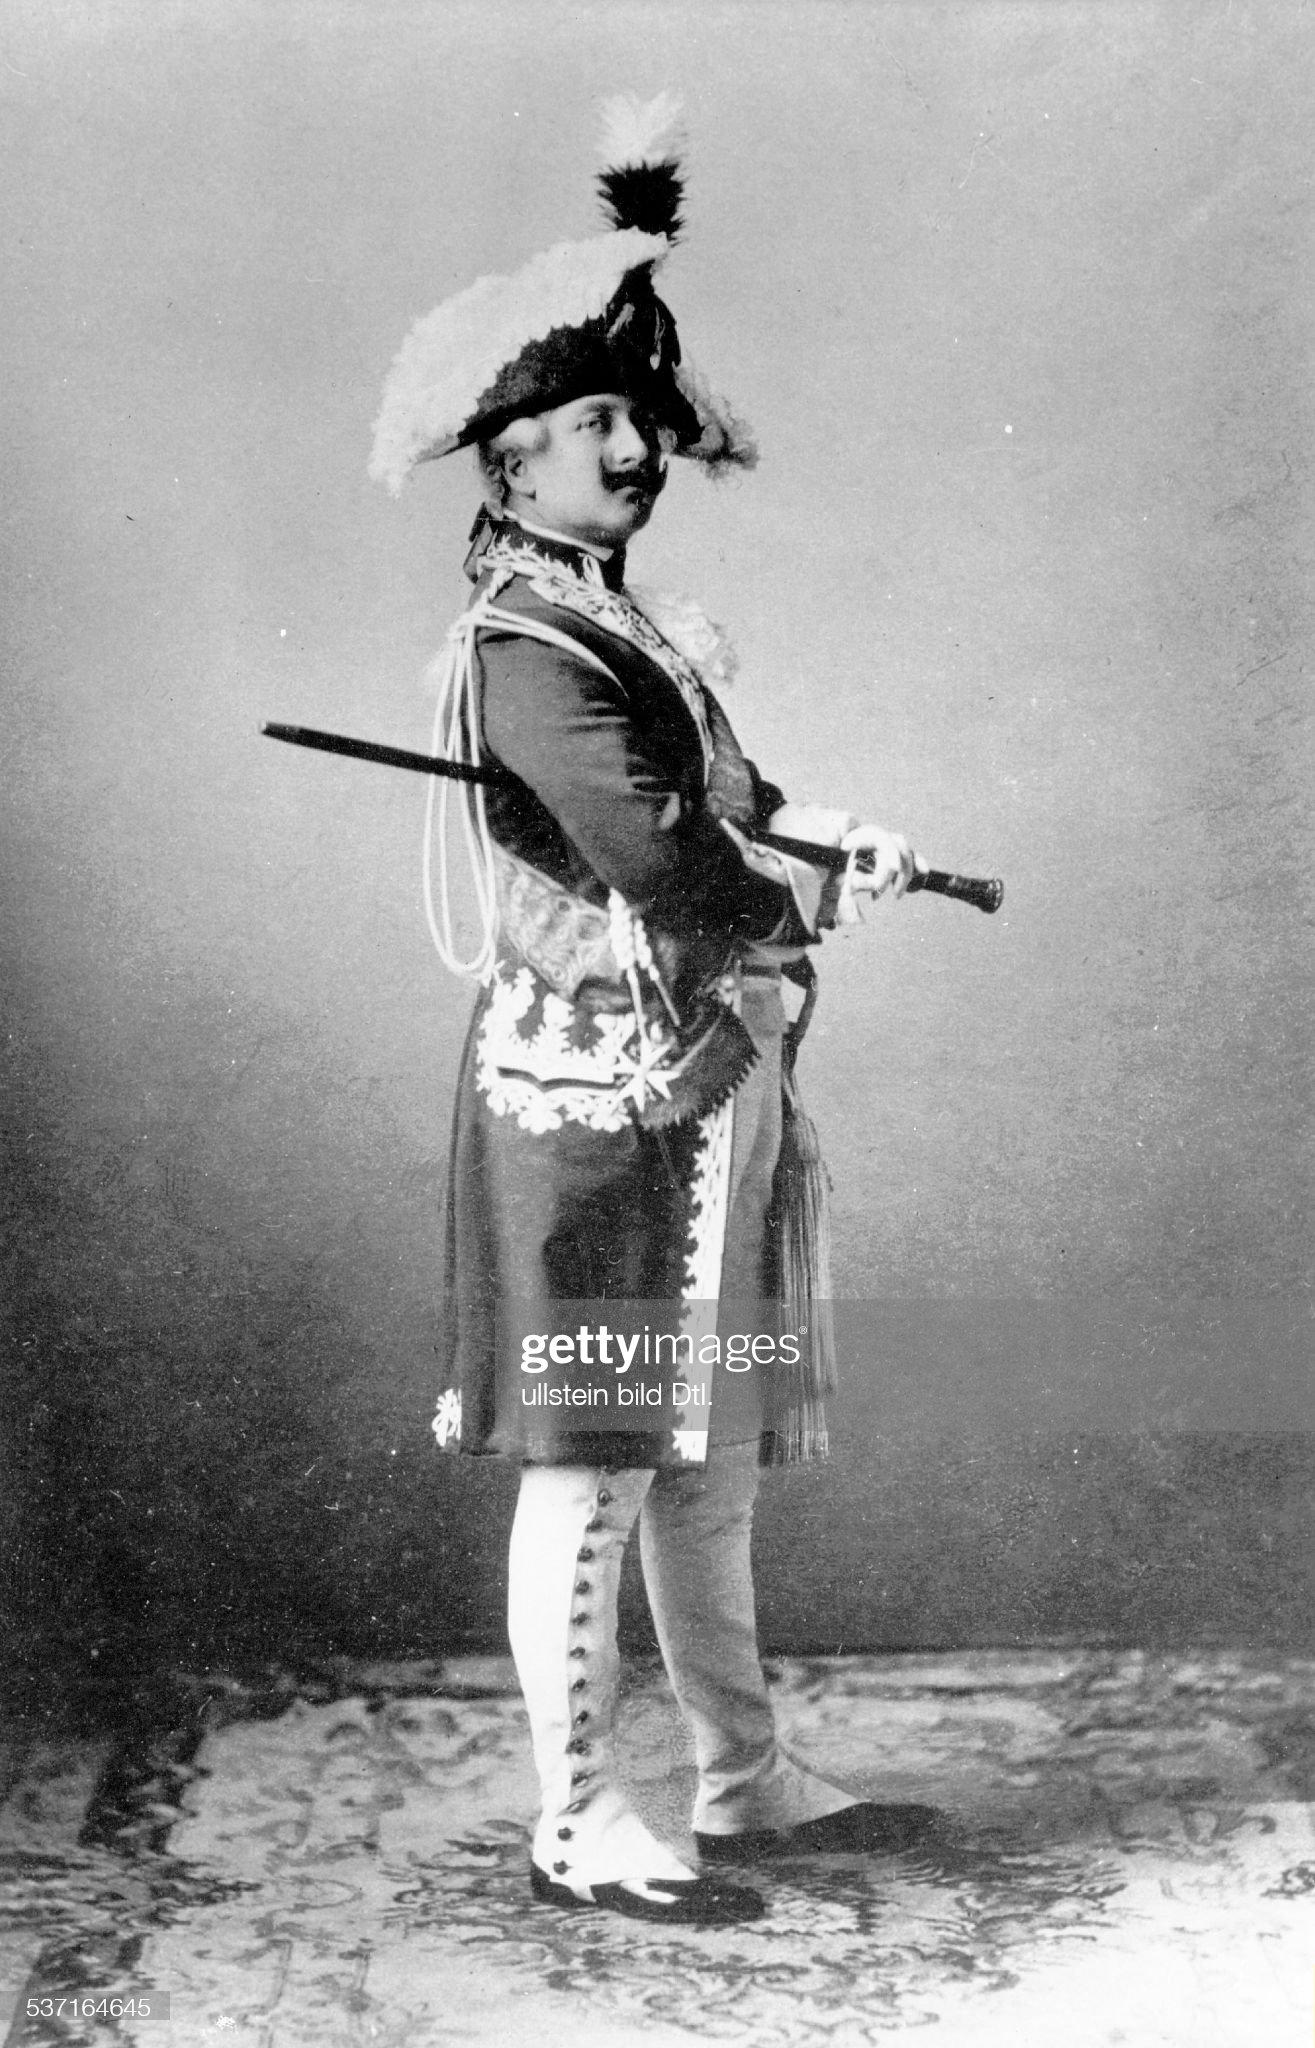 Wilhelm II. - Deutscher Kaiser 1888-1918 : Nachrichtenfoto